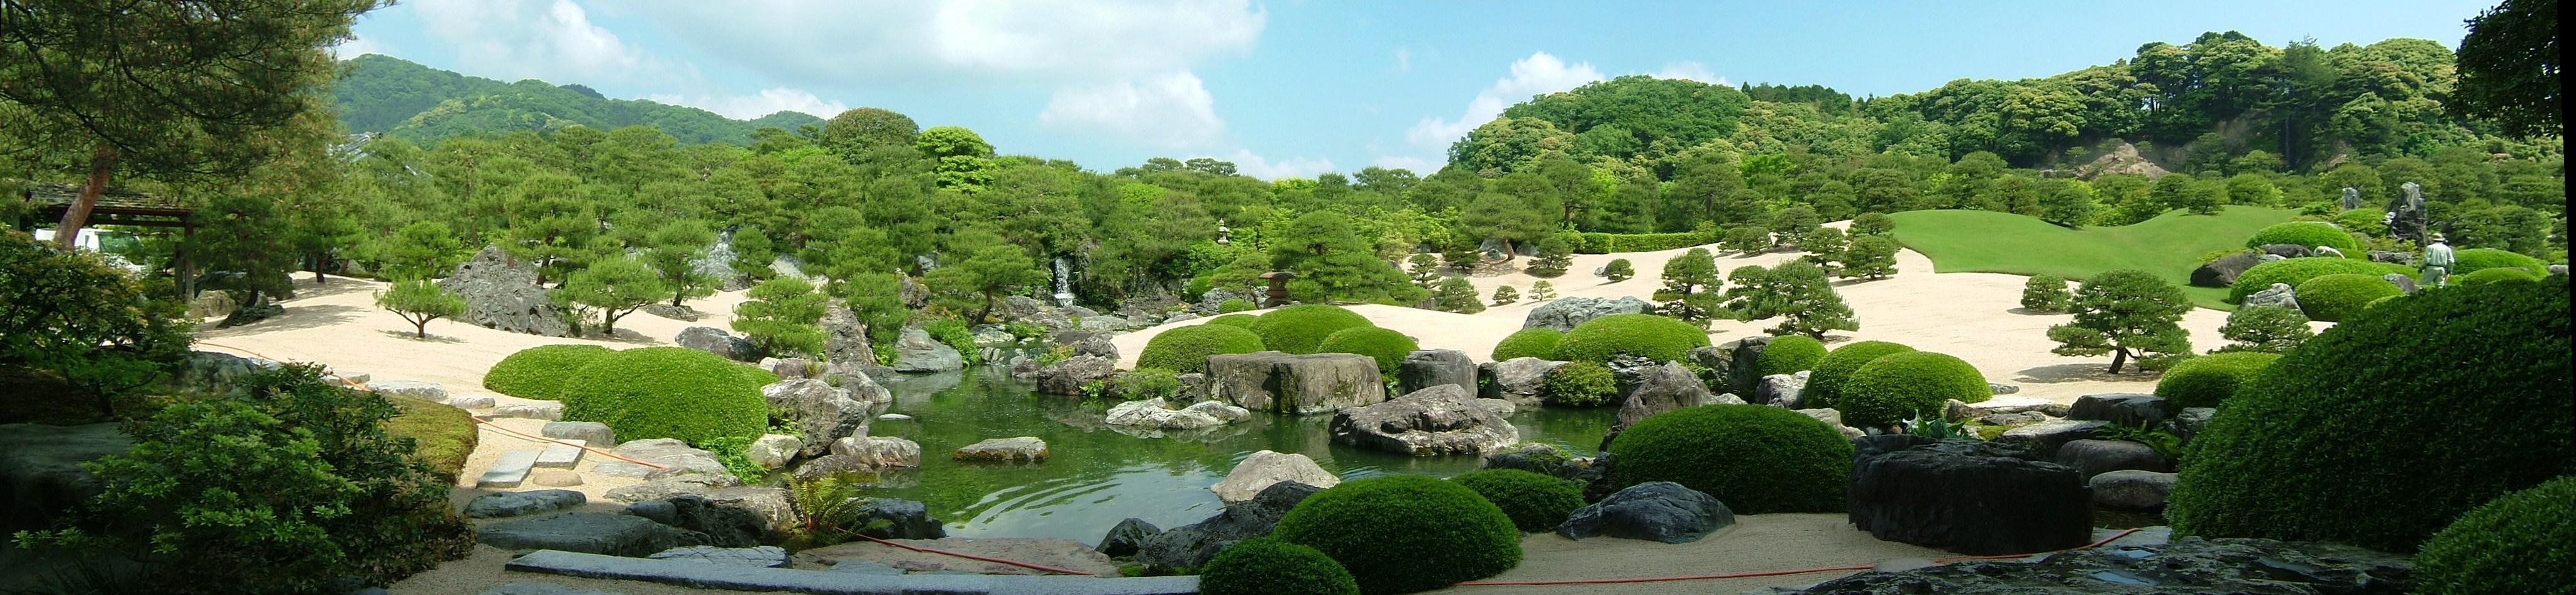 足立美術館庭園パノラマ